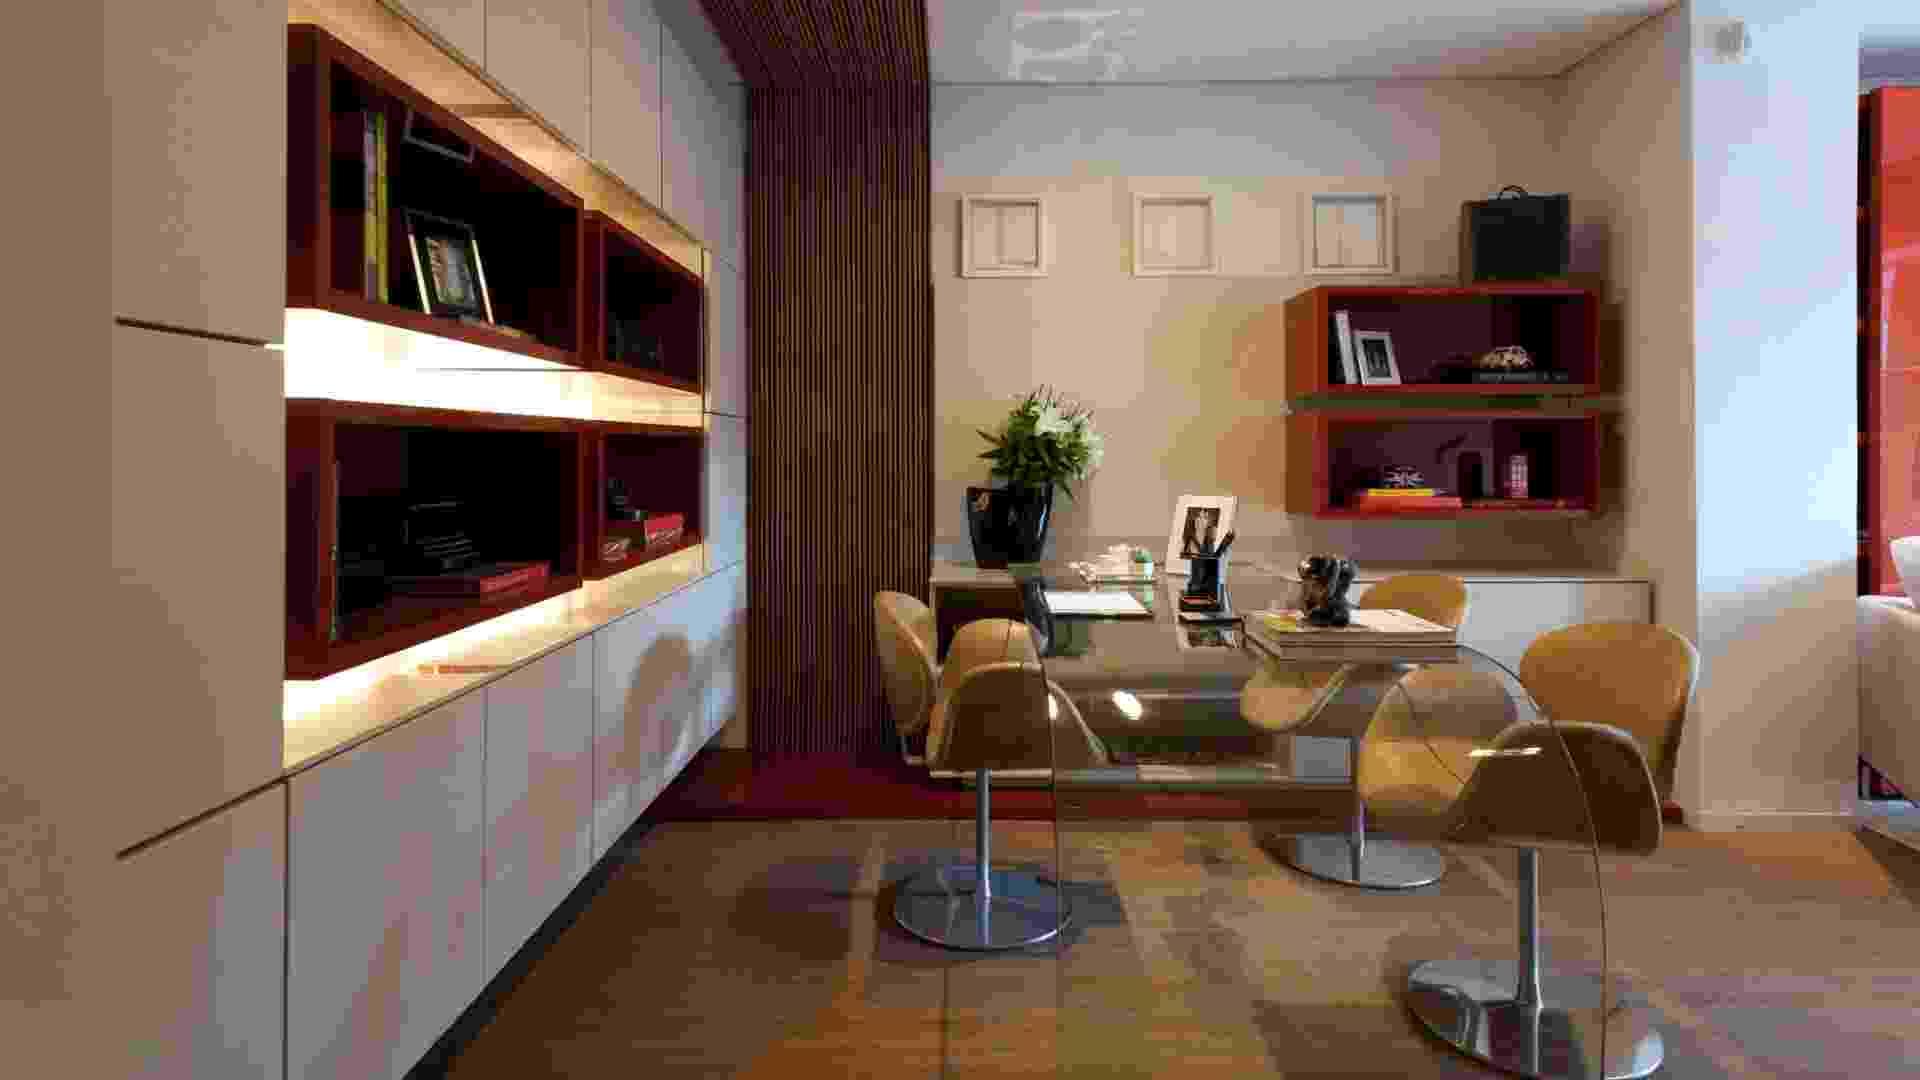 Home Office desenhado pela designer de interiores Jóia Bergamo dá ênfase para os nichos vermelhos revestidos por laca brilhante (Espelhatto Fired Bric) que medem 90 x 27,3 cm e para a mesa de vidro da linha Curve, ambos da Segatto (www.segatto.com.br). Com preços variáveis segundo as medidas escolhidas pelo cliente, a mesa, por exemplo, tem custo inicial de R$ 12 mil. Preços pesquisados em junho de 2012 e sujeitos a alterações - Divulgação